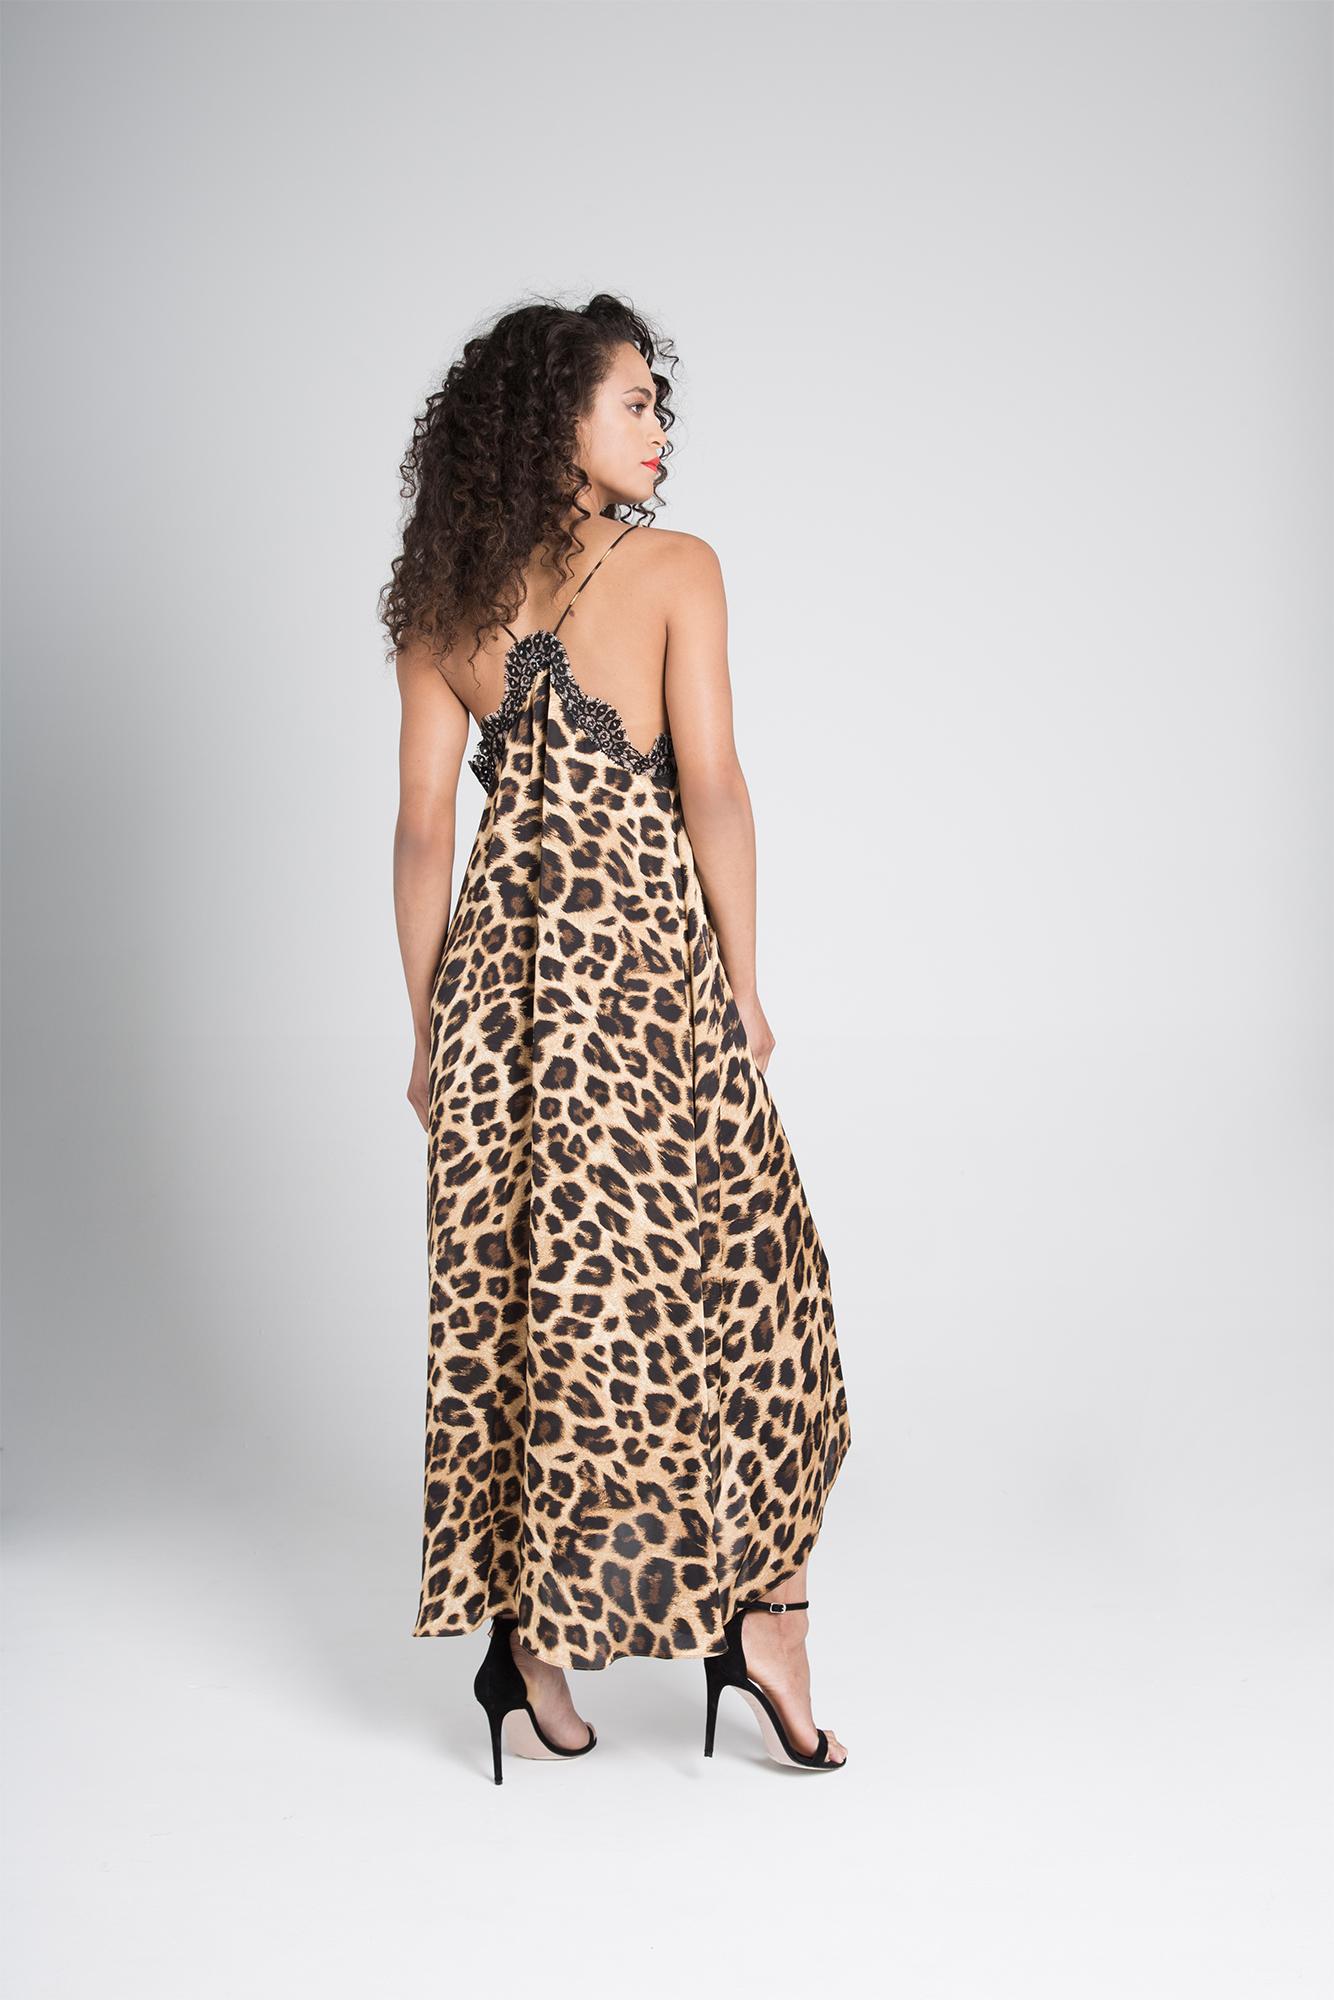 Mirela dress